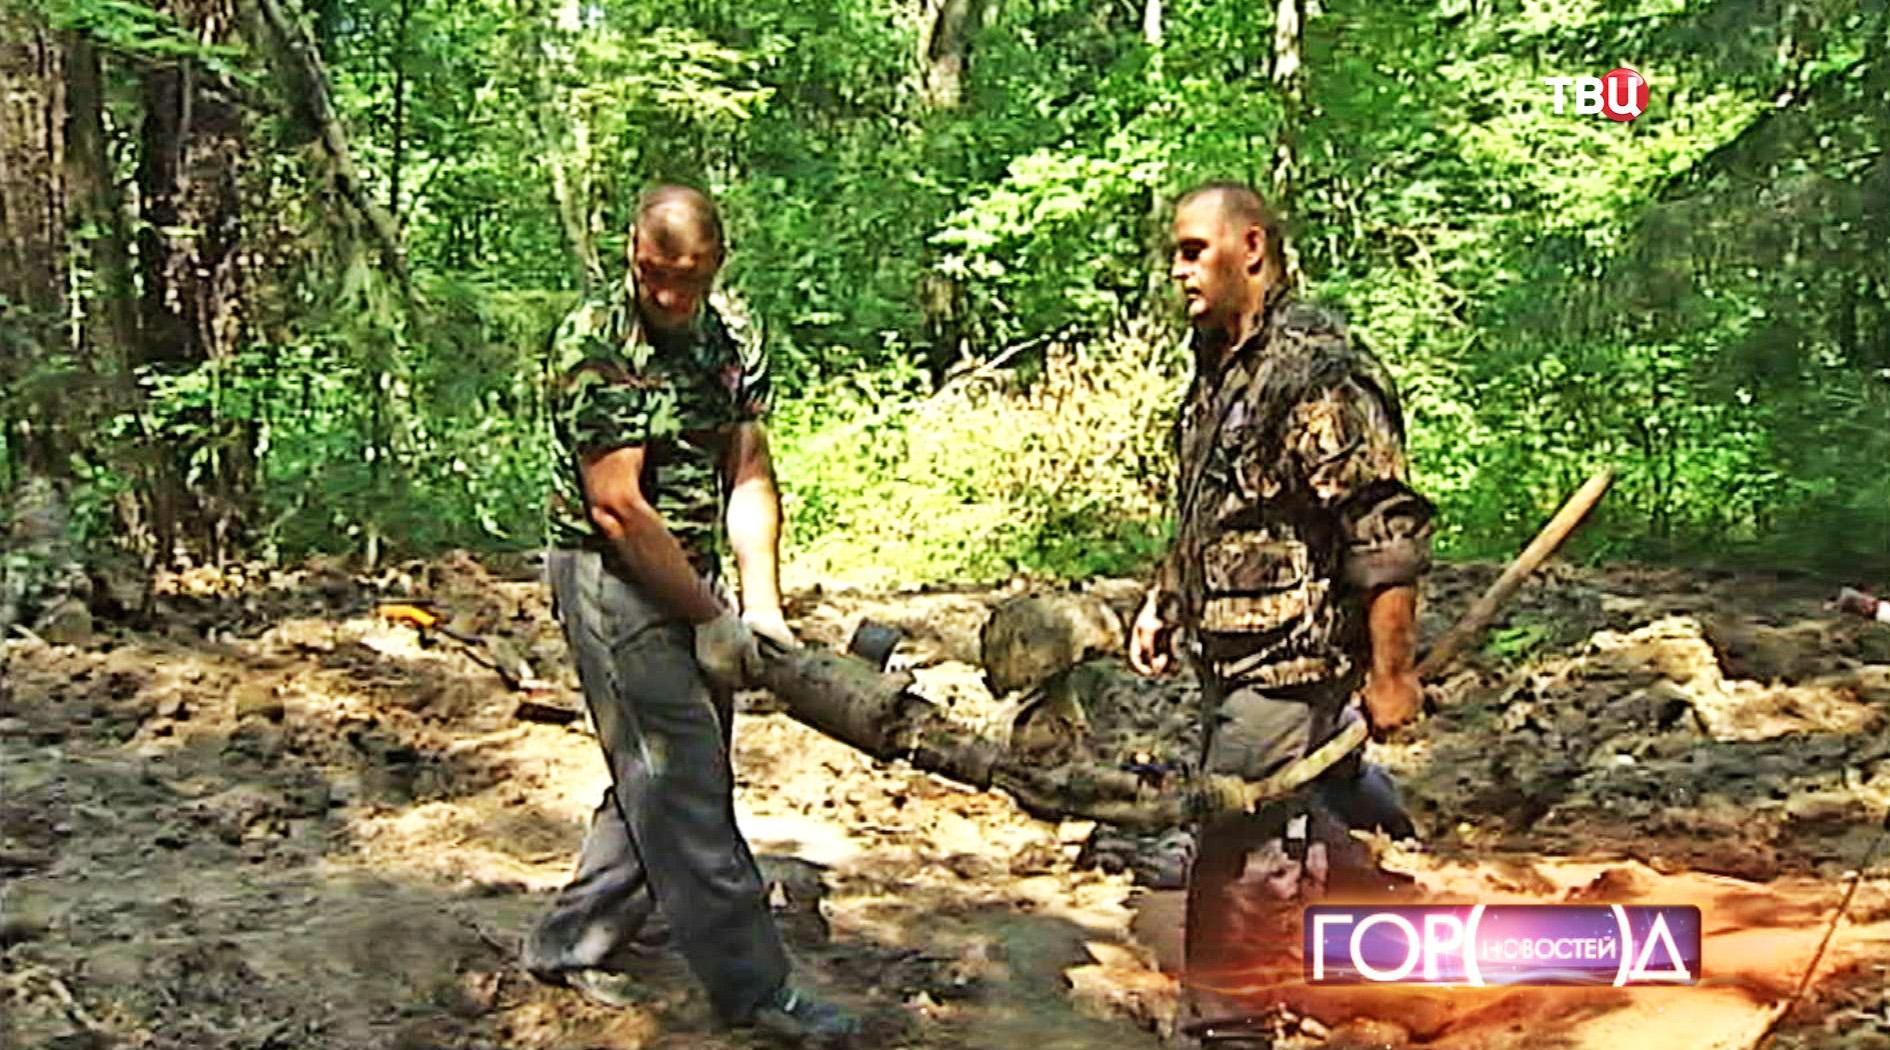 Представители поискового отряда на месте раскопок